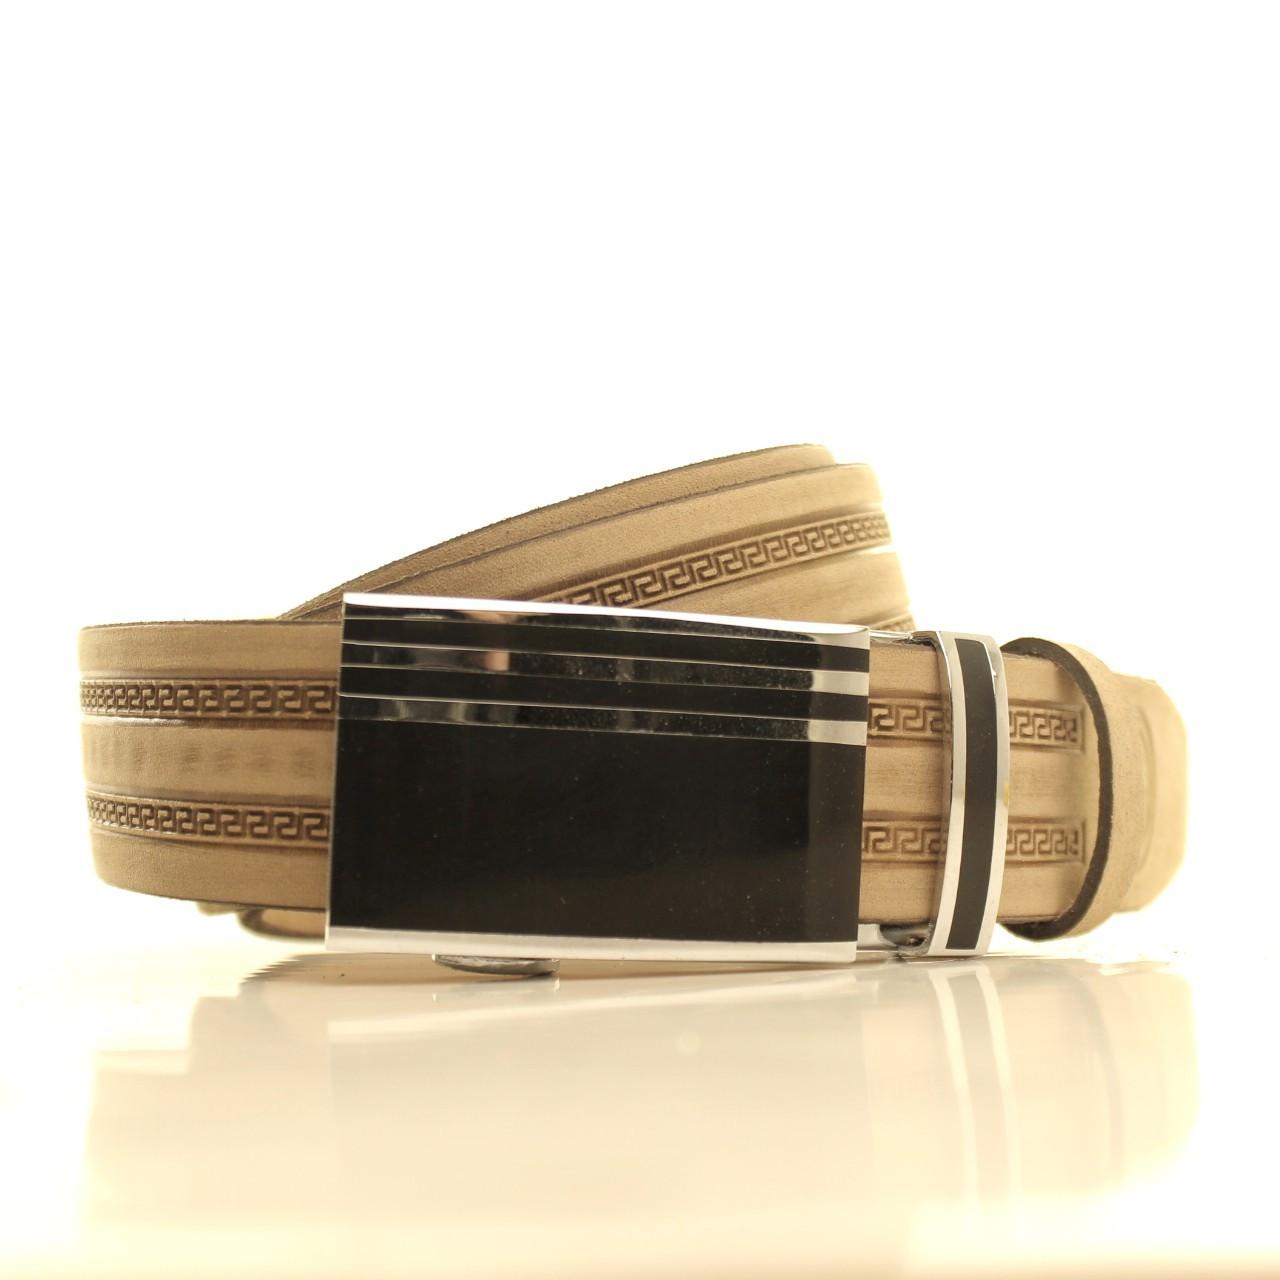 Ремень кожаный Lazar 105-115 см бежевый l35u1a146